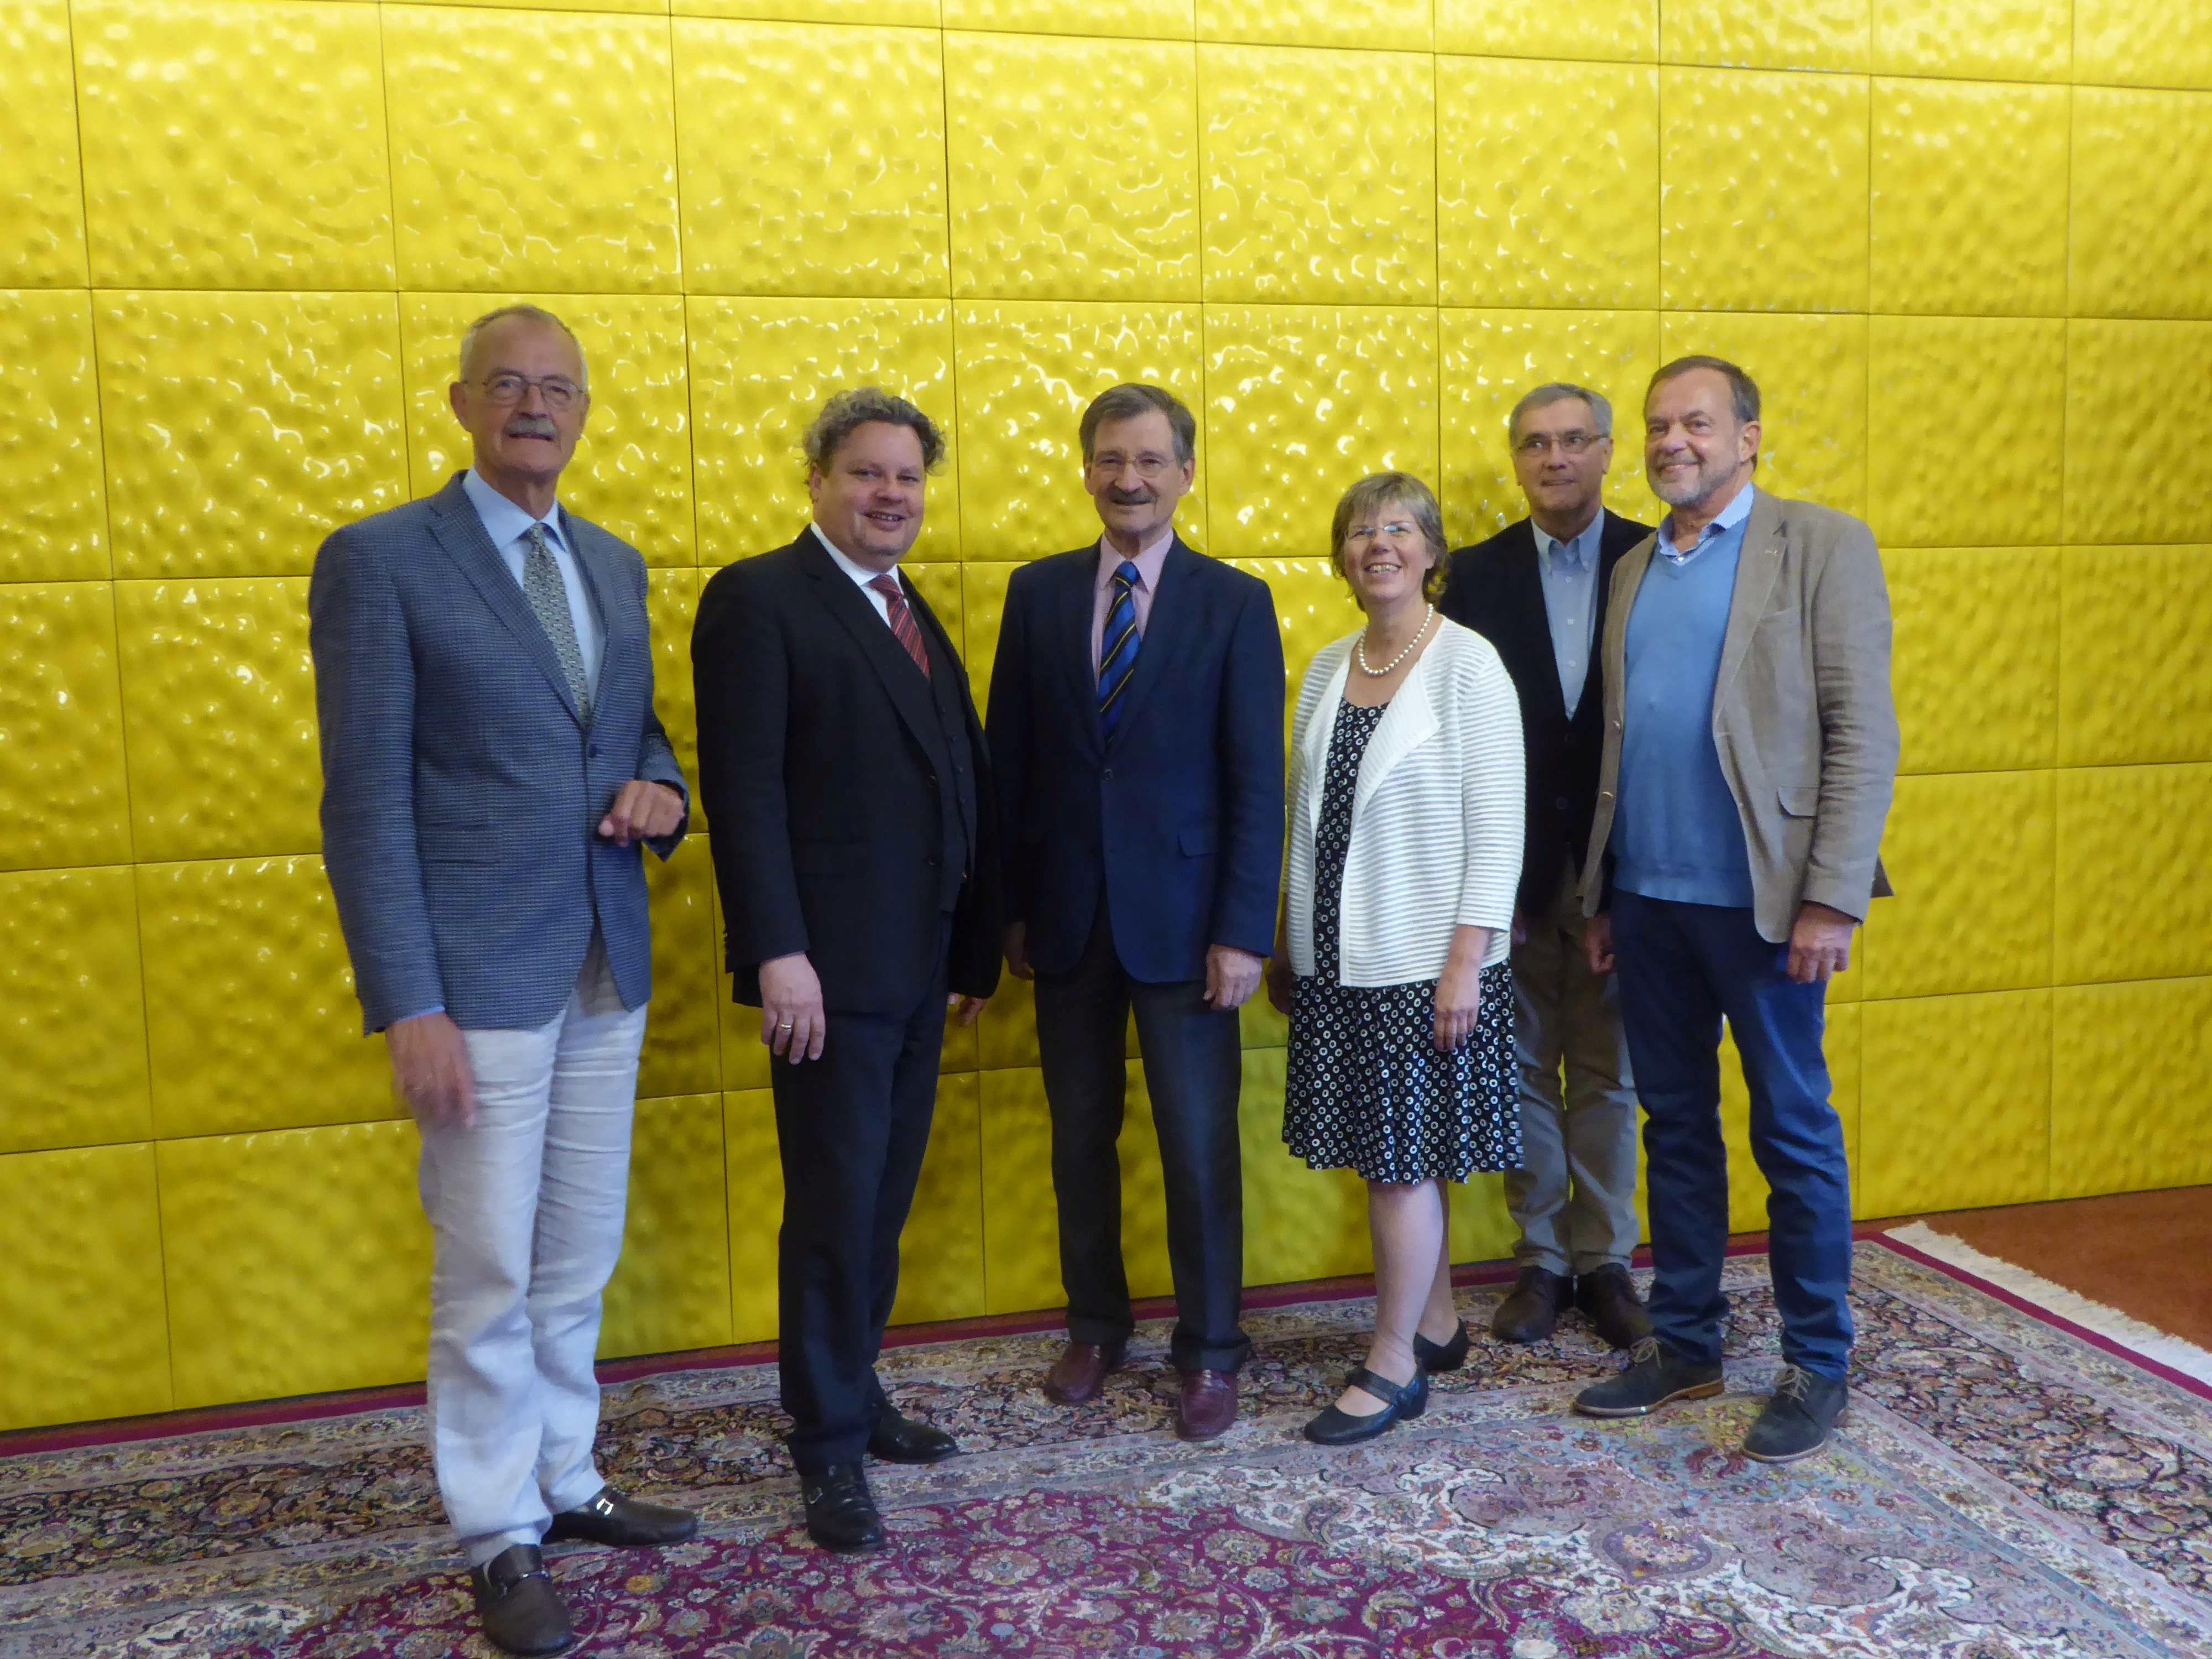 (Deutsch) Dr. Hermann Otto Solms MdB besucht das mittelständische Familienunternehmen Wendel in Dillenburg